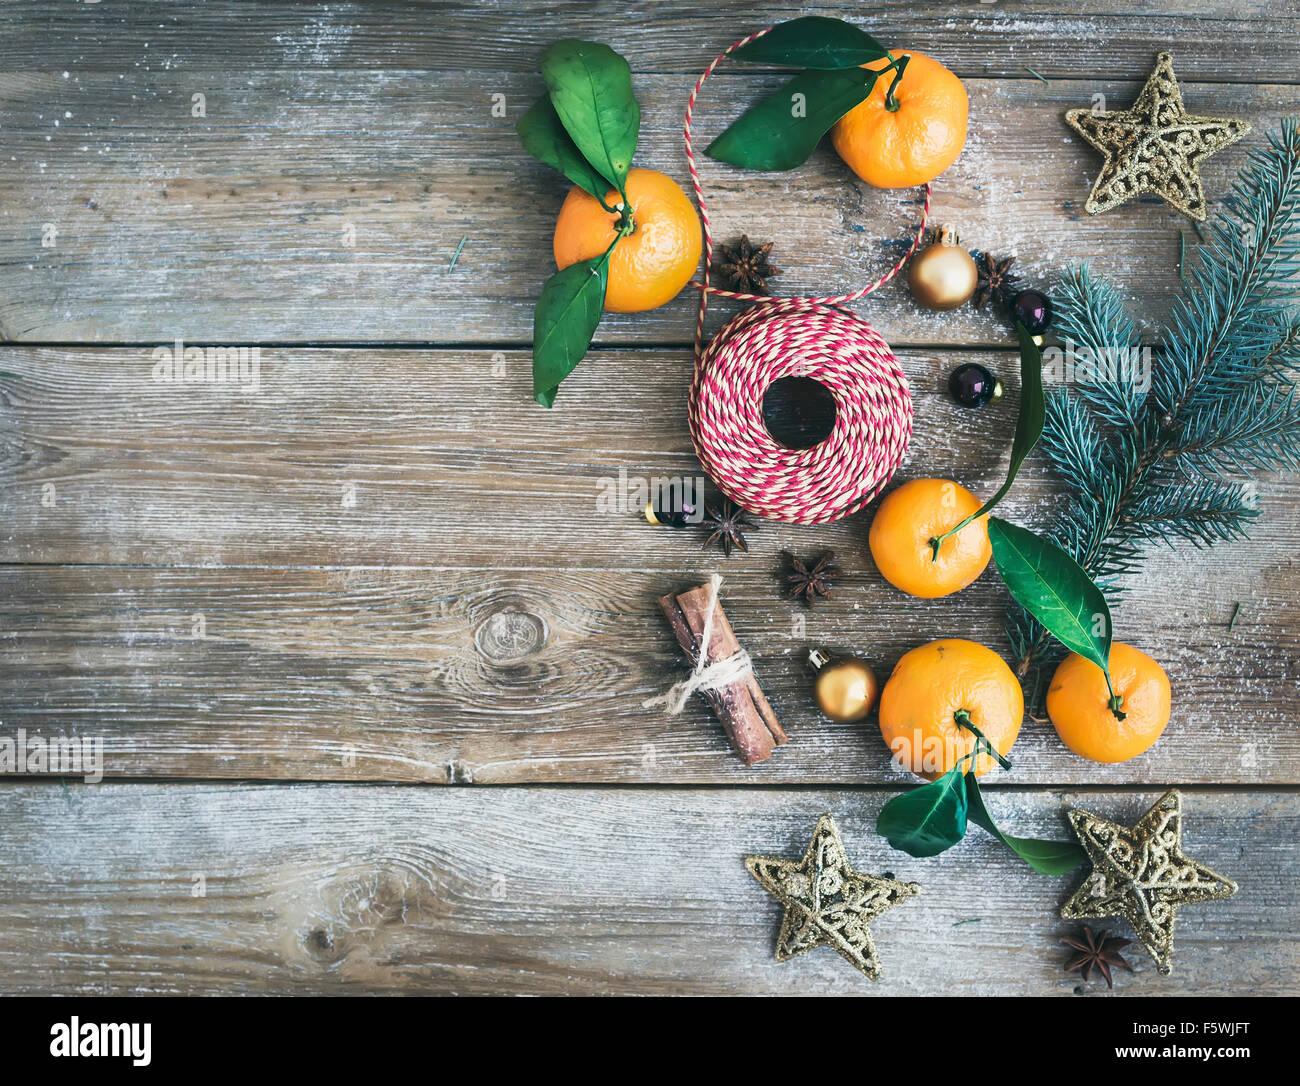 Decoración de Navidad o Año Nuevo conjunto de antecedentes: fur-ramas, bolas de vidrio, dorado reluciente Imagen De Stock